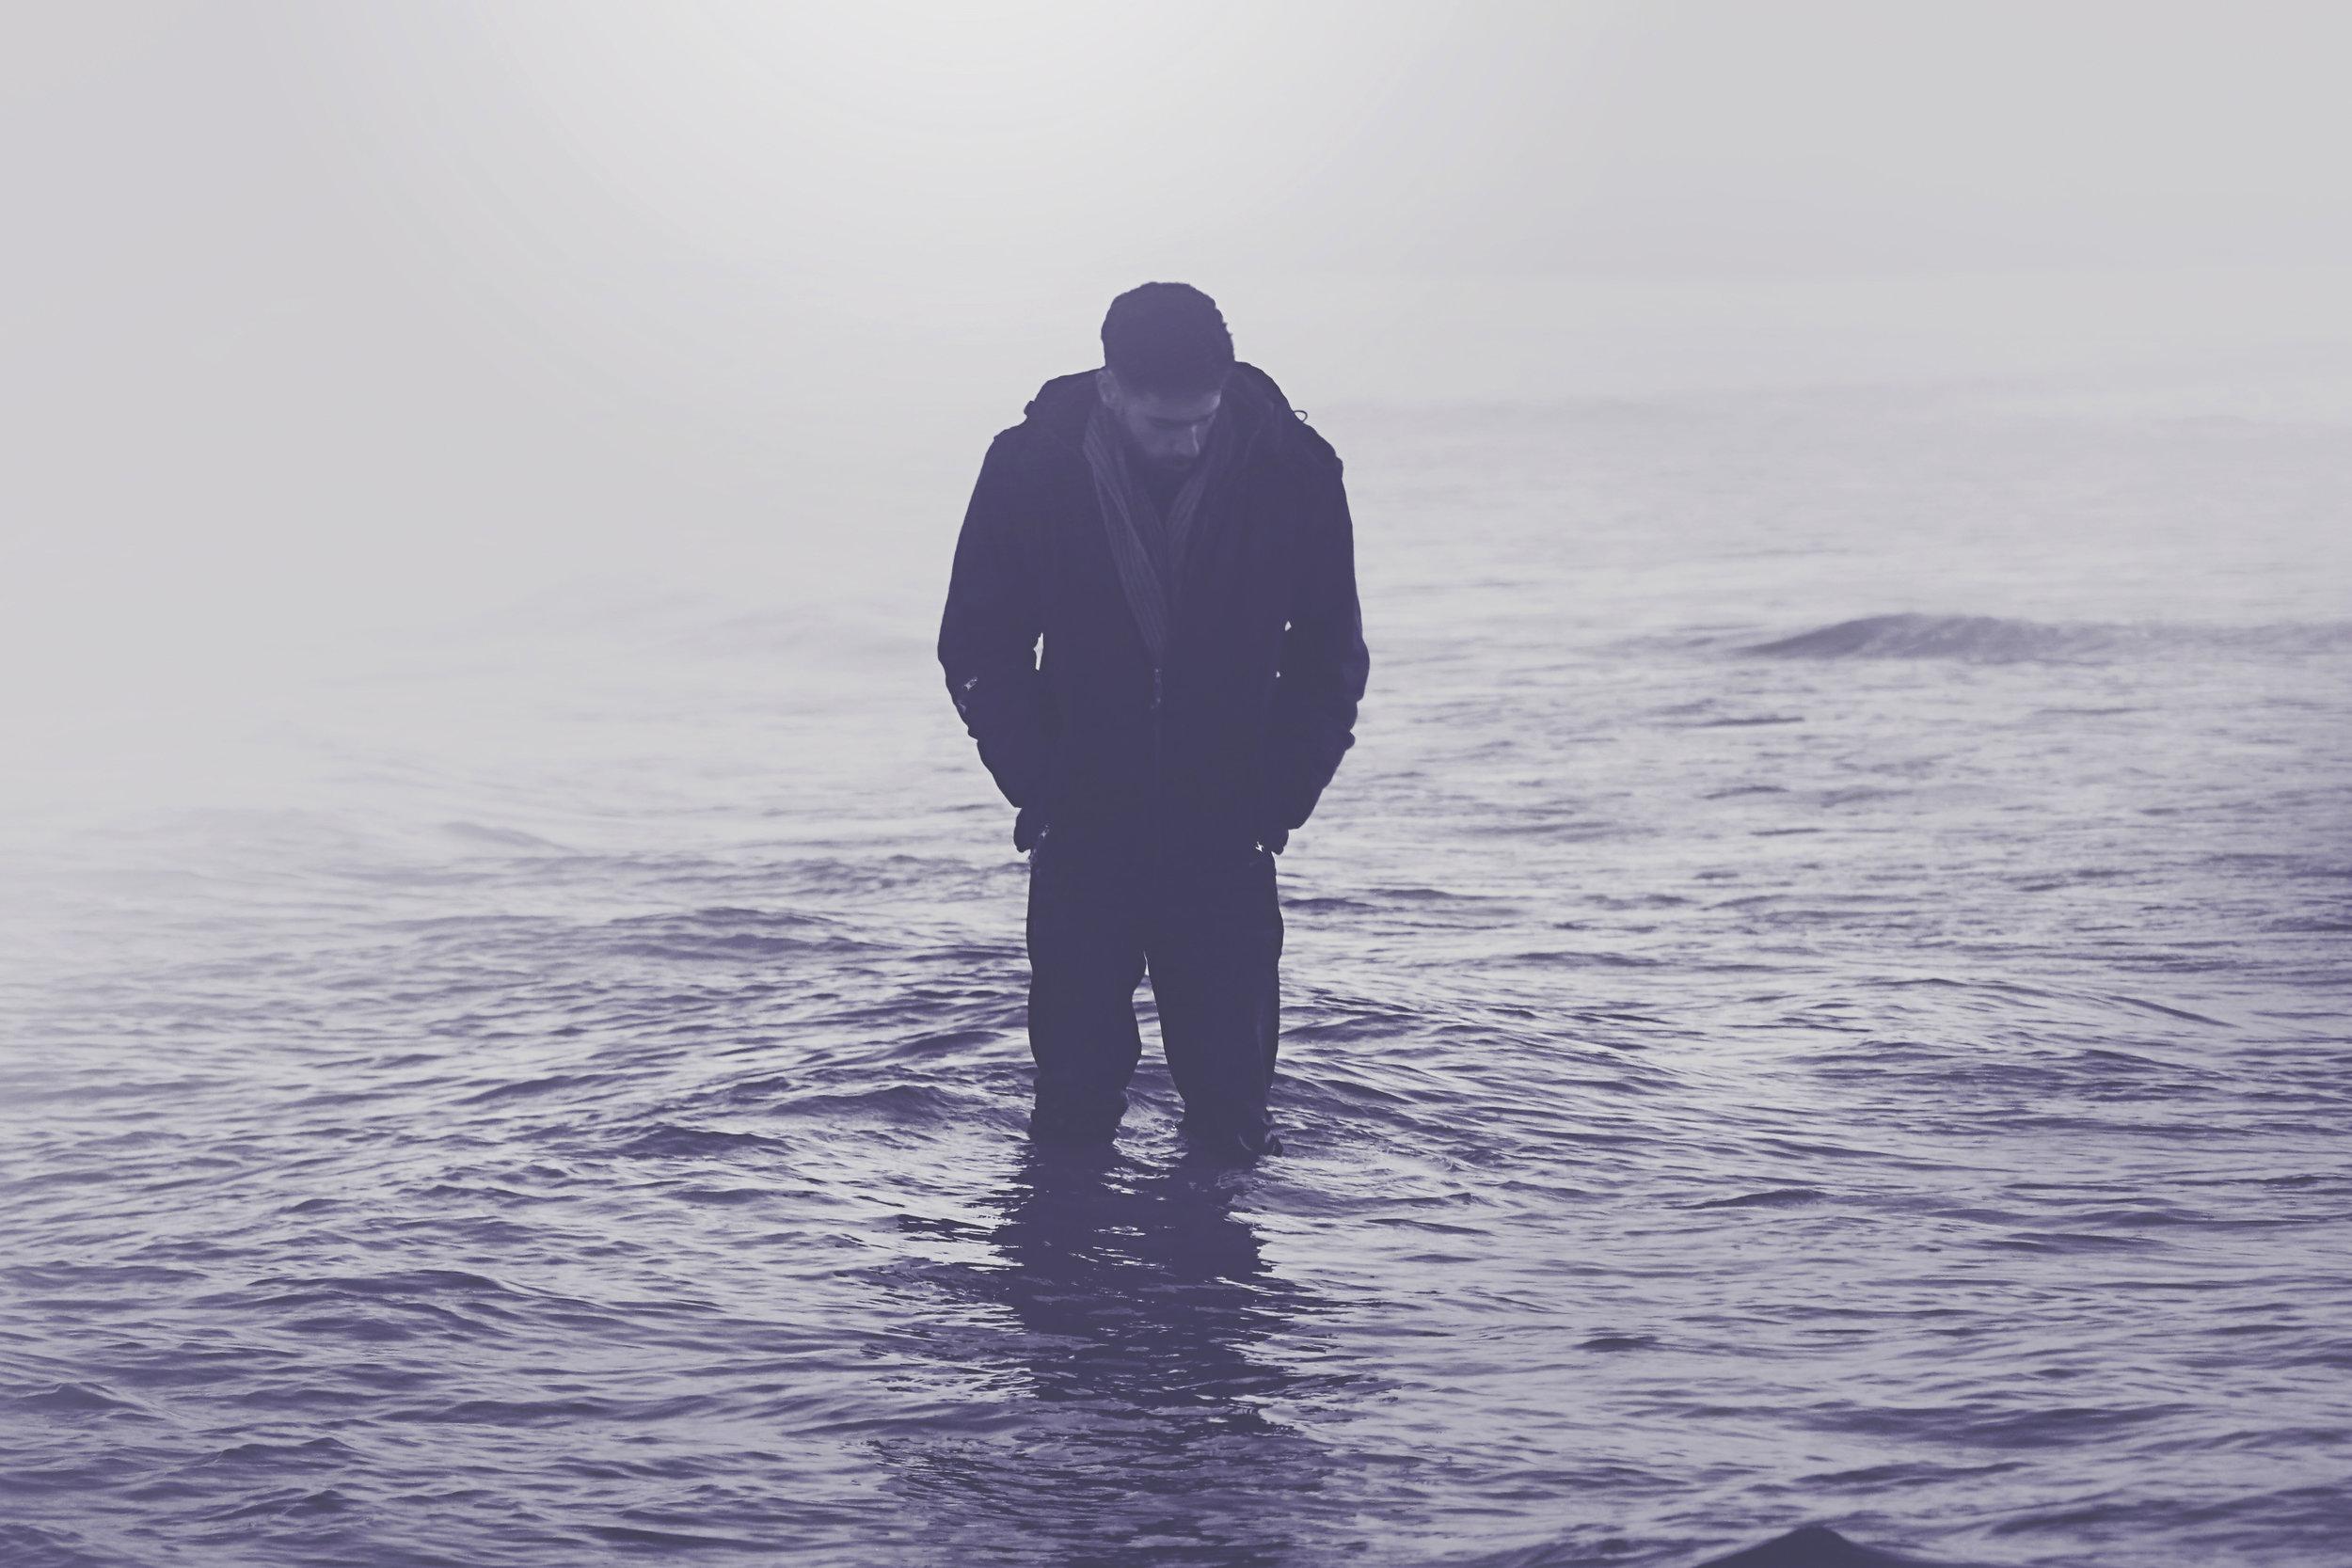 man-ocean-water.jpg